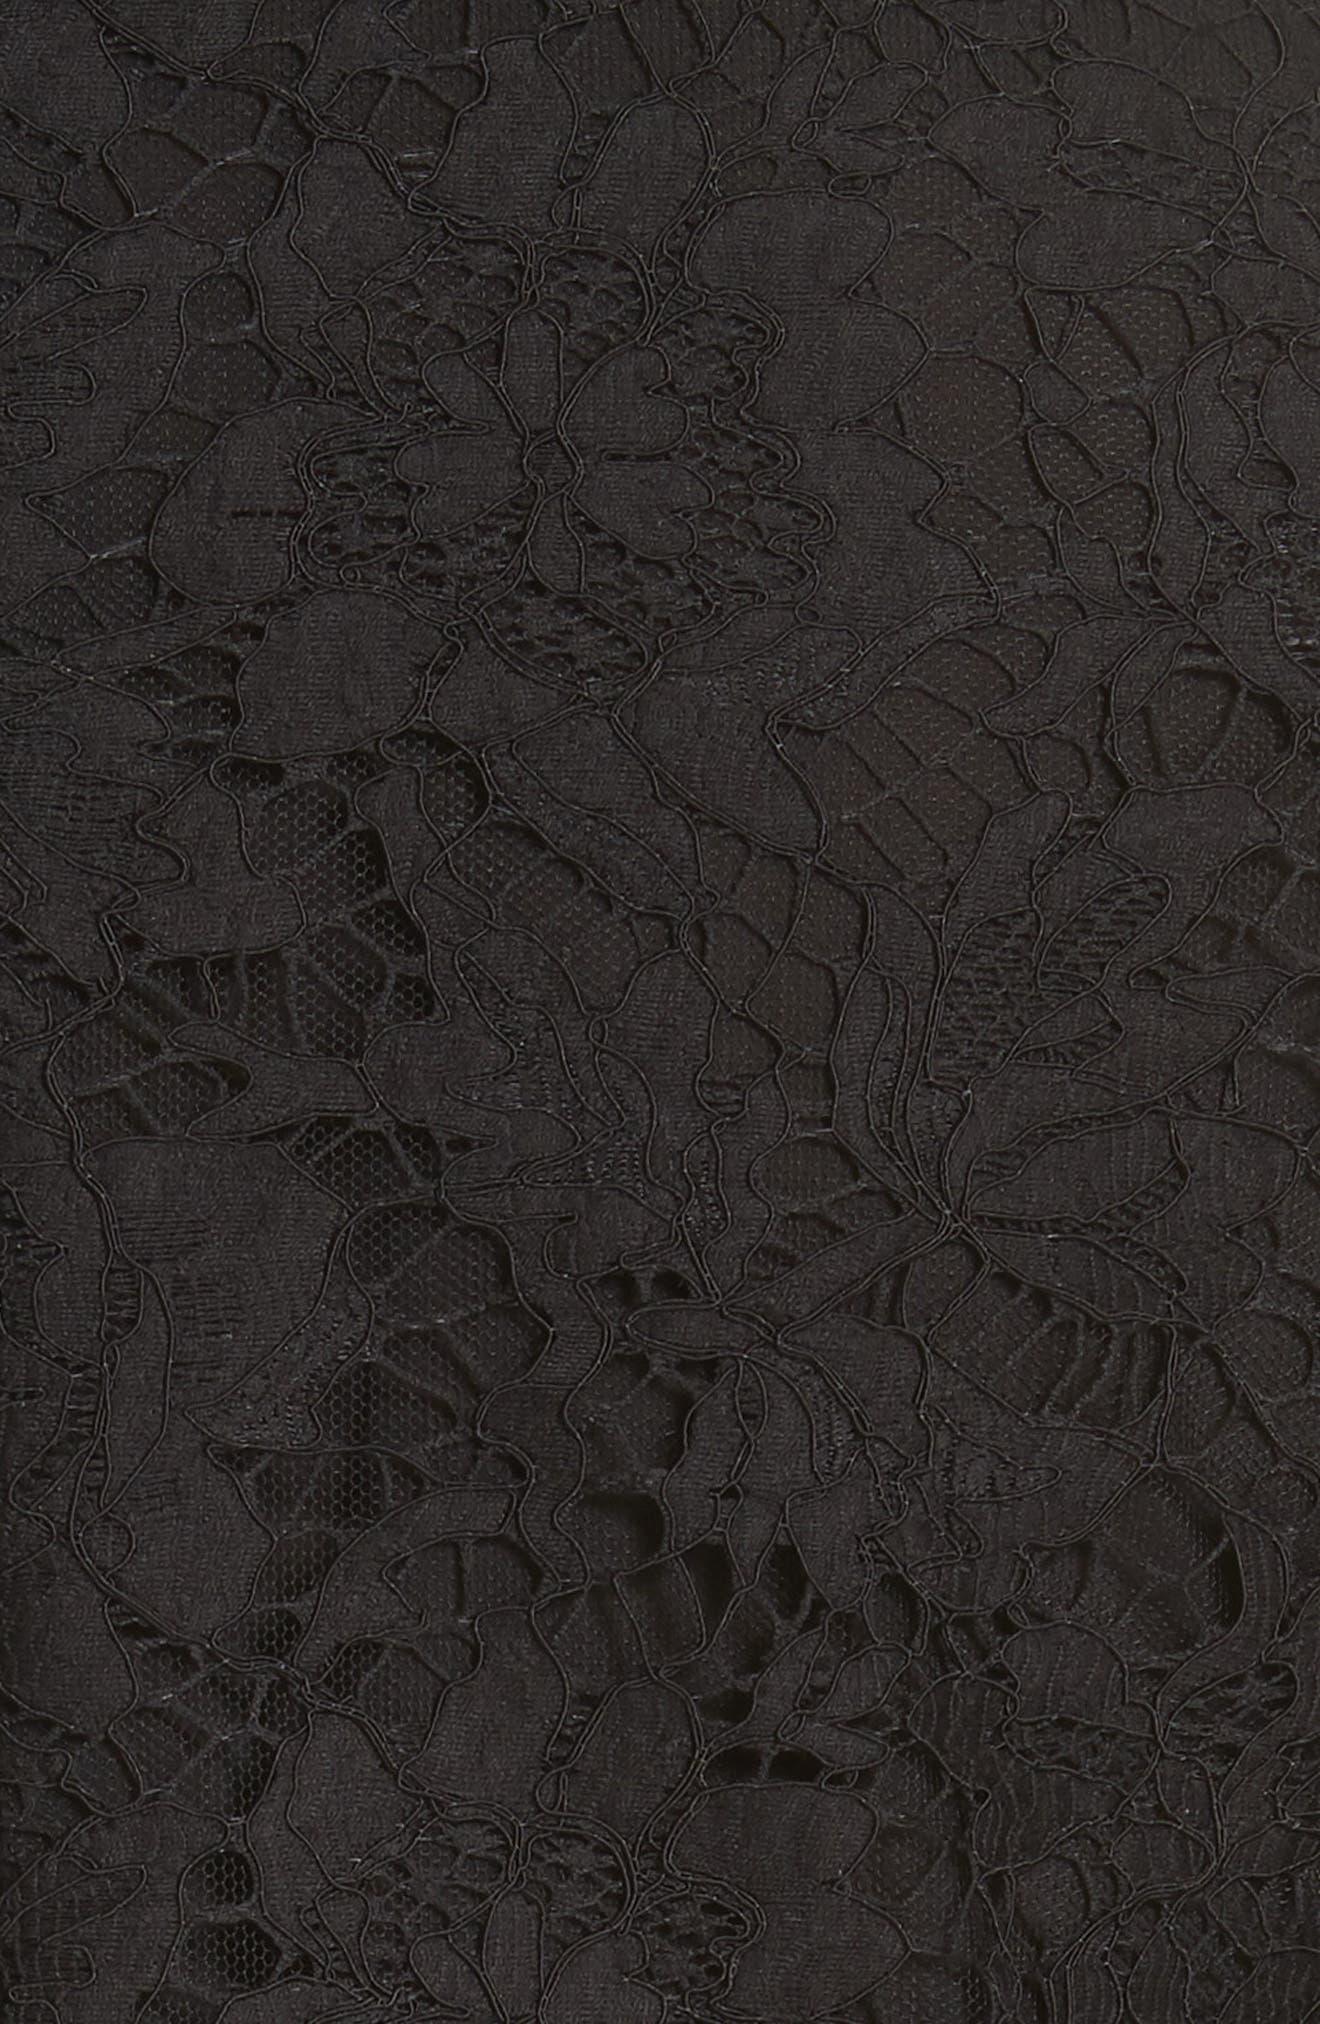 VALENTINO, Ruffle Hem Lace Dress, Alternate thumbnail 6, color, BLACK